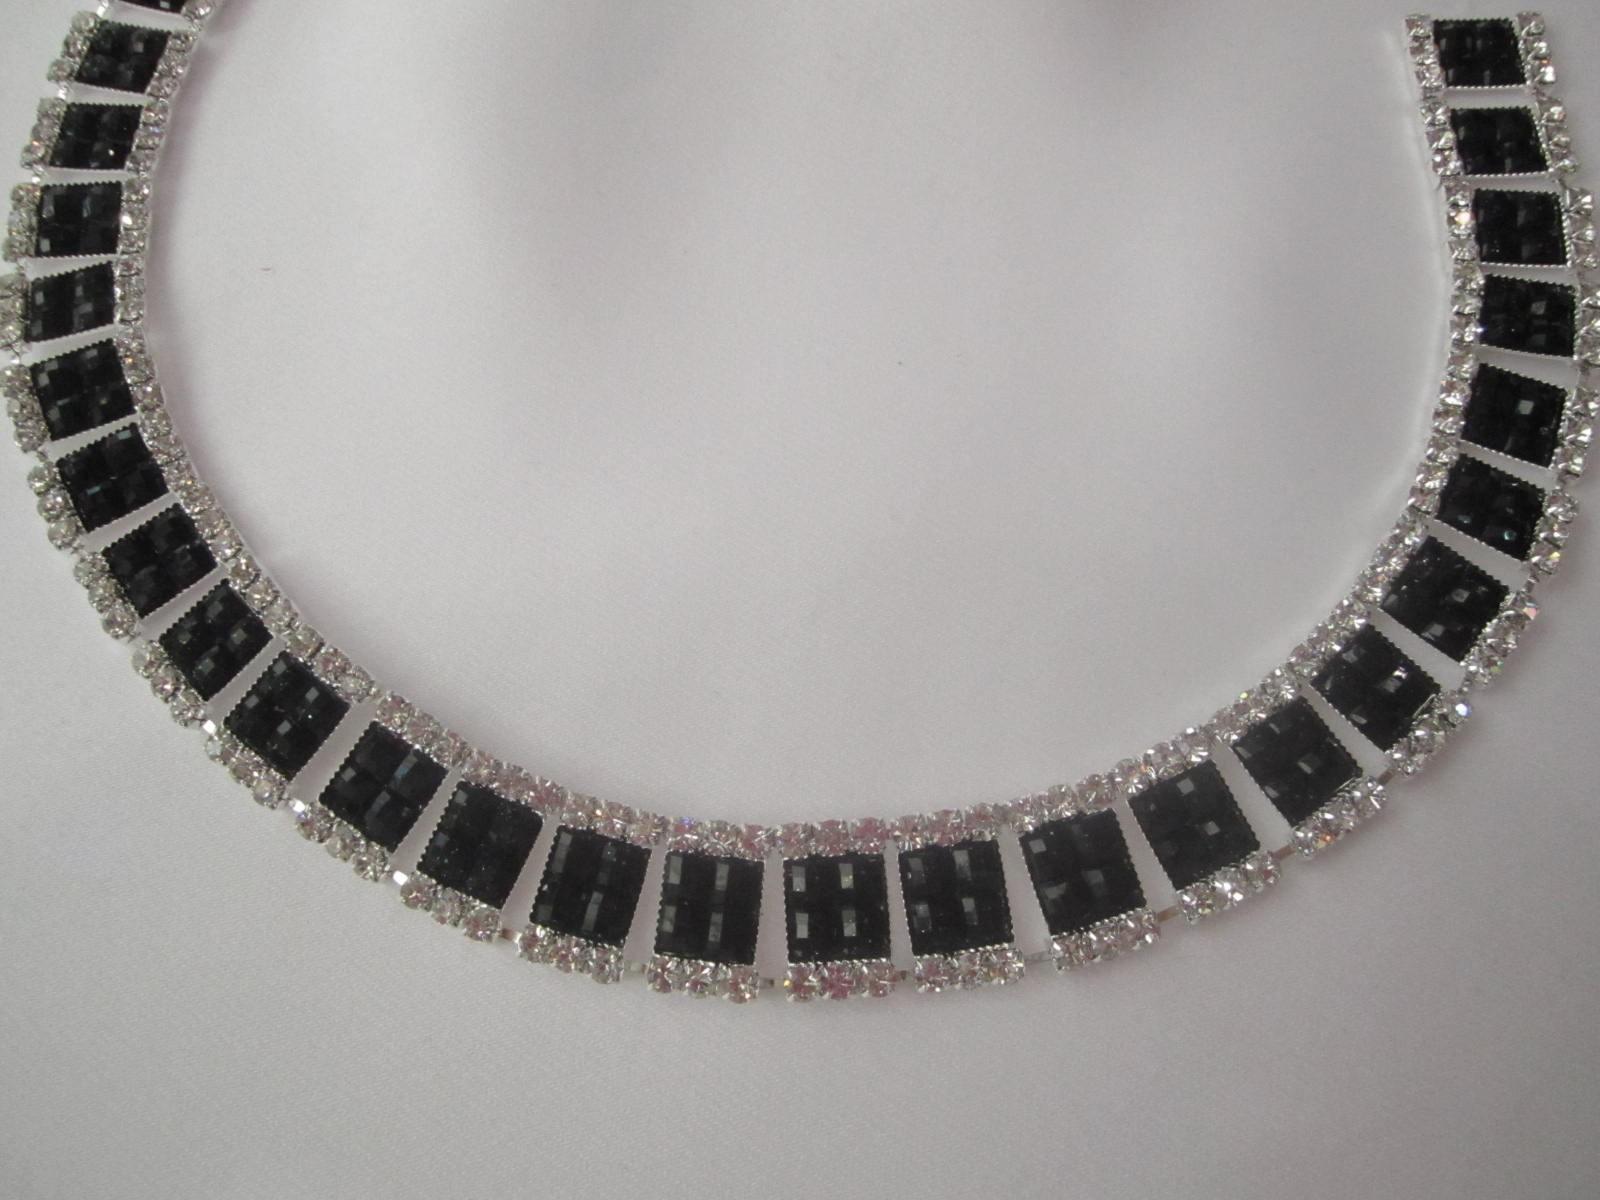 Groovy Taśma kryształowa ozdobna czerń biel Swarovski - Binassi QD84